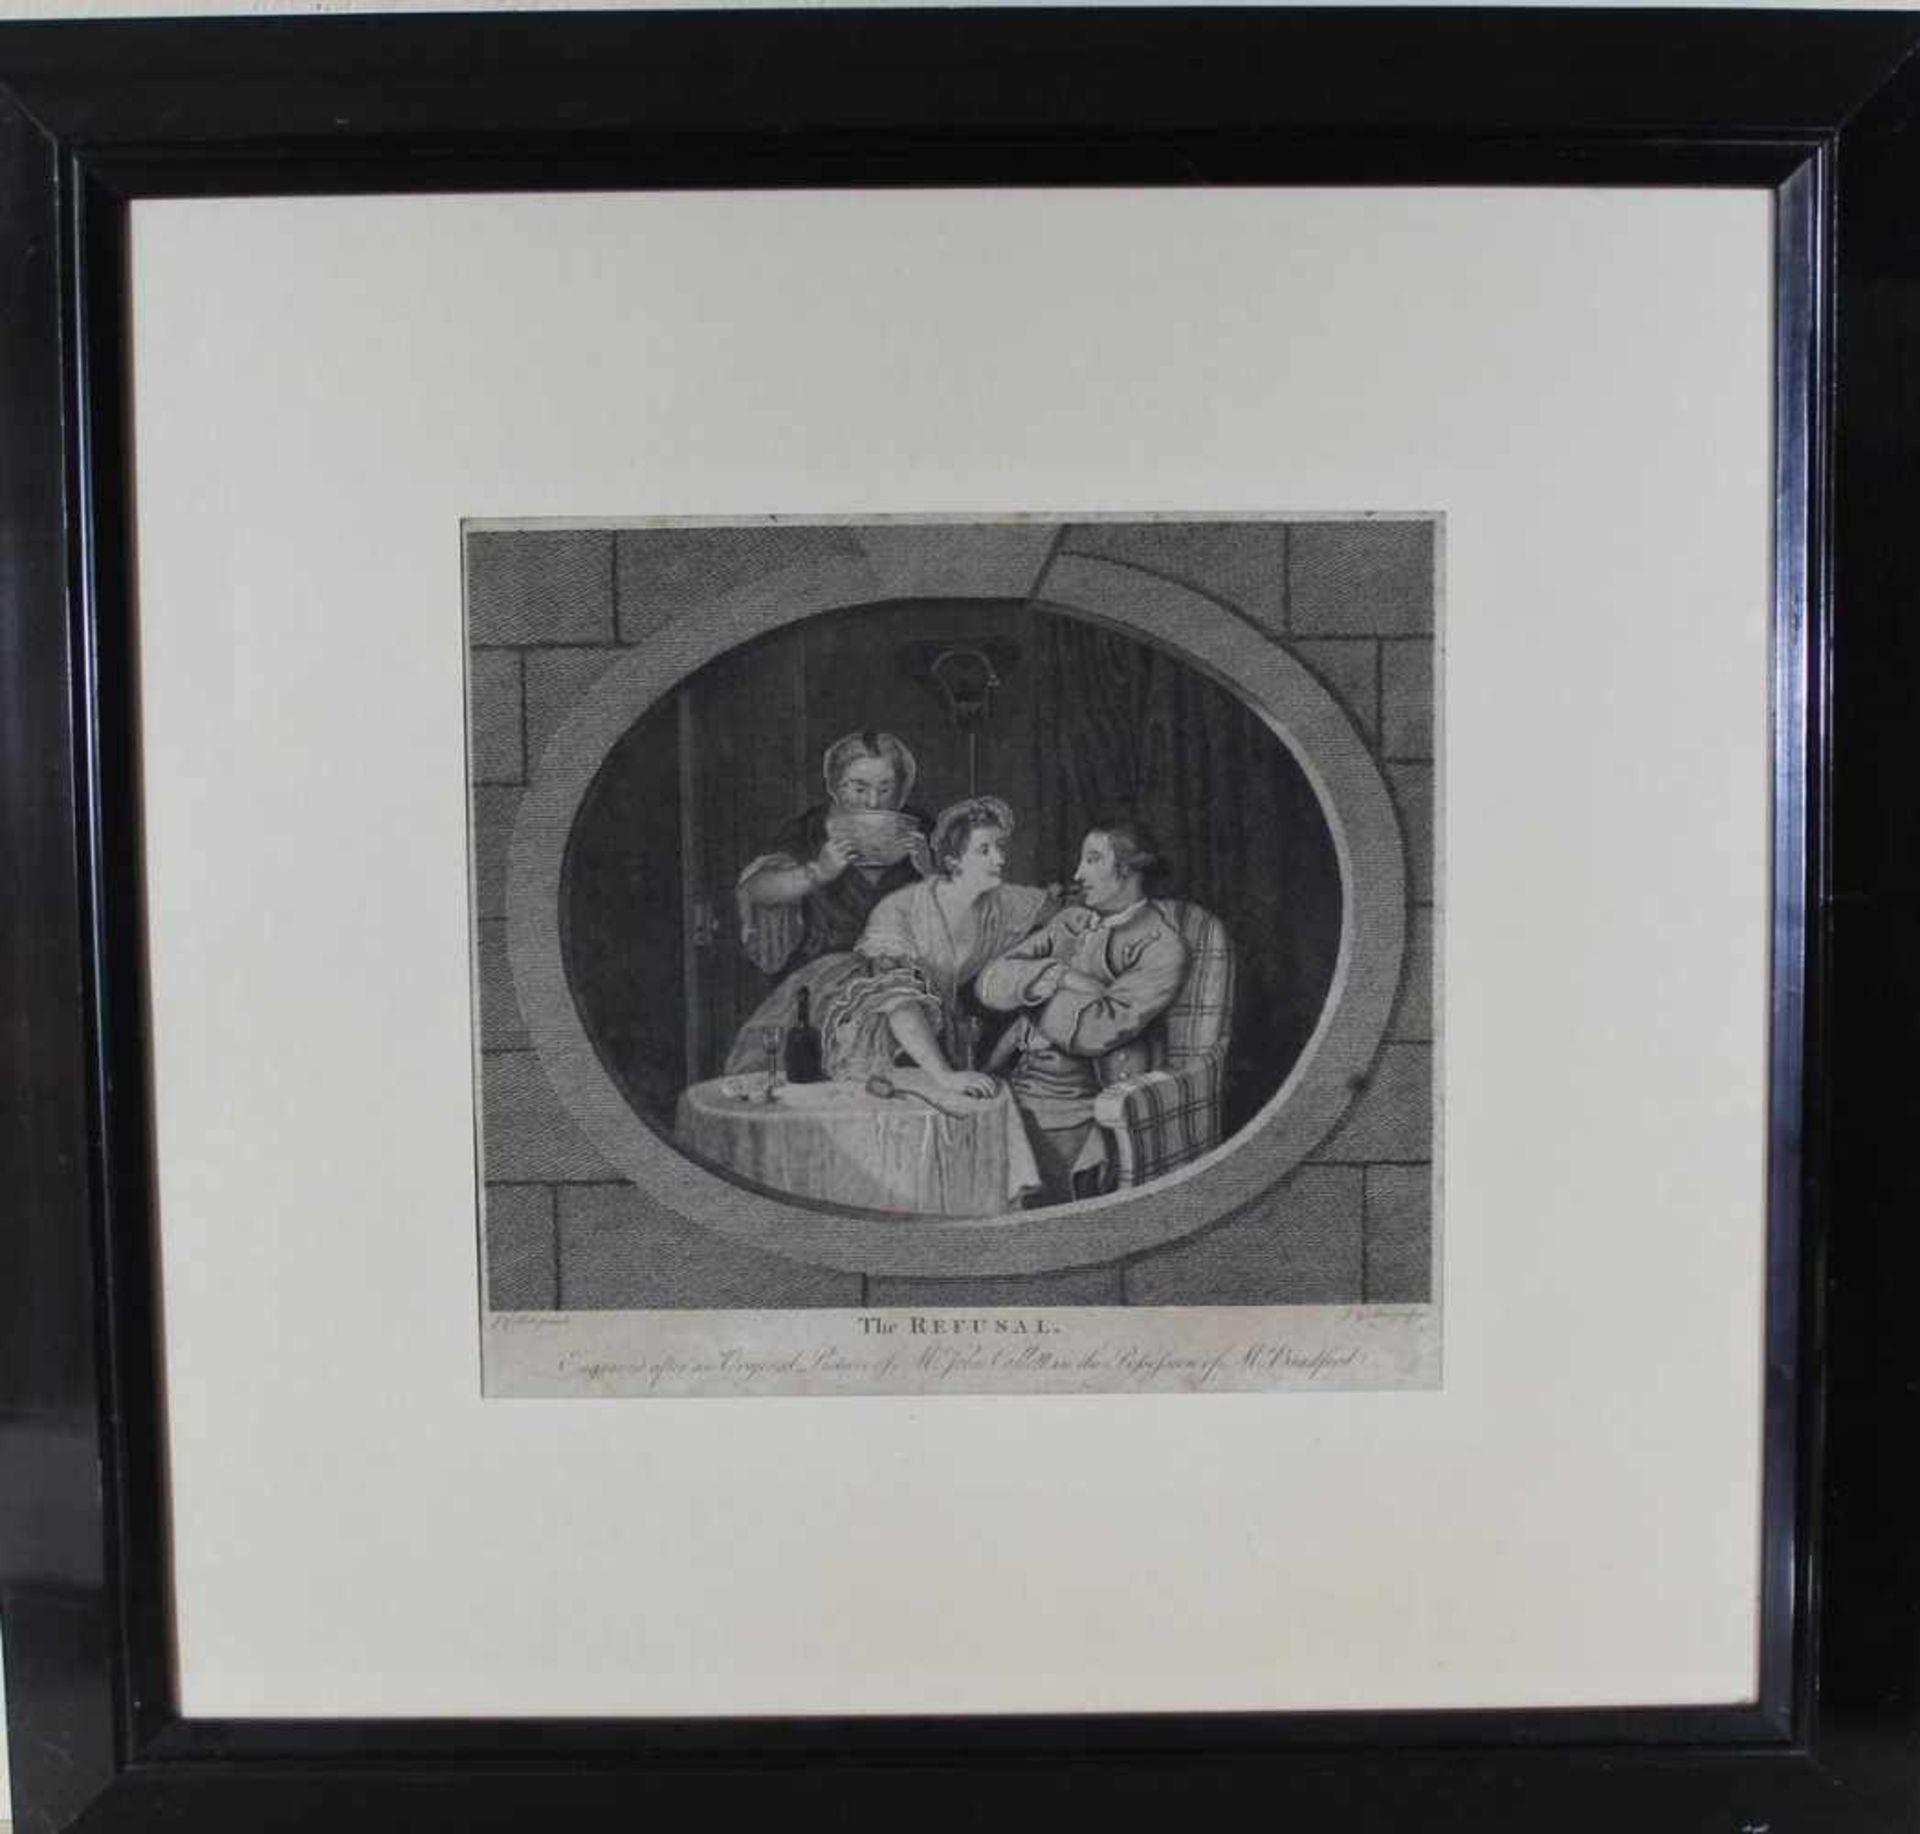 John Goldar: Kupferstich The refusal 1768, unter Glas mit Passepartout im Holzrahmen, ca. 32 x 34